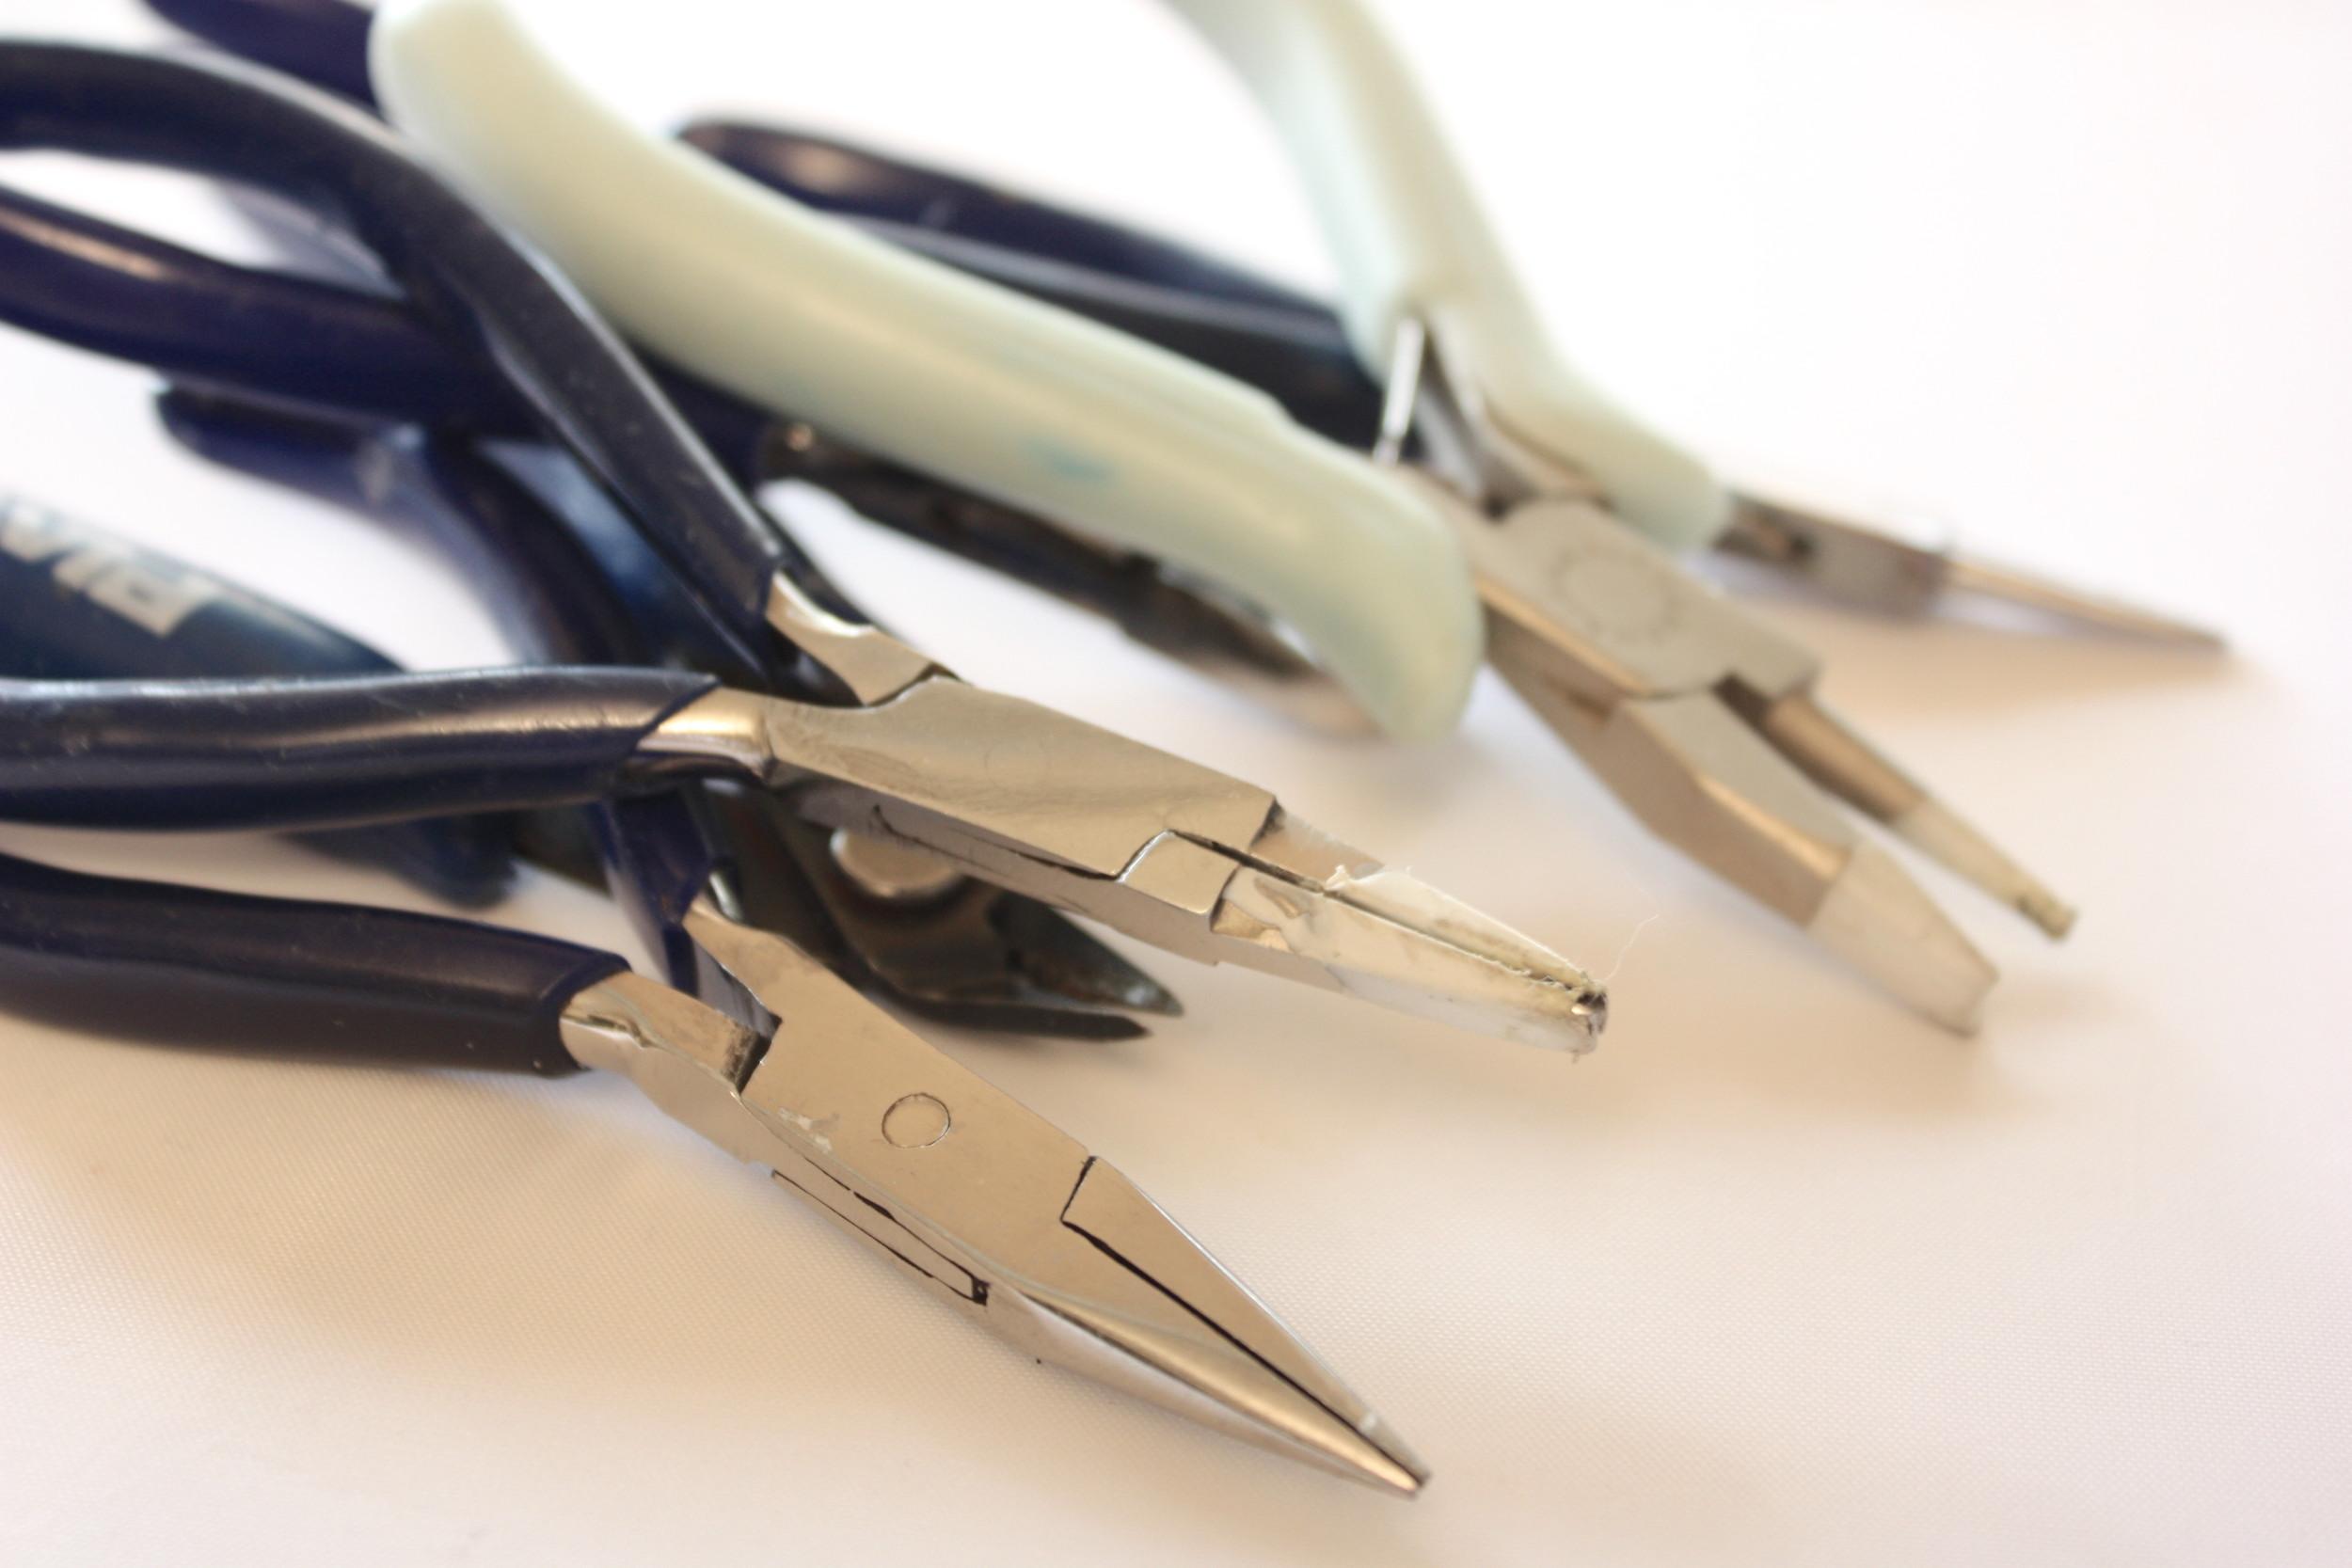 Tools copy.jpg